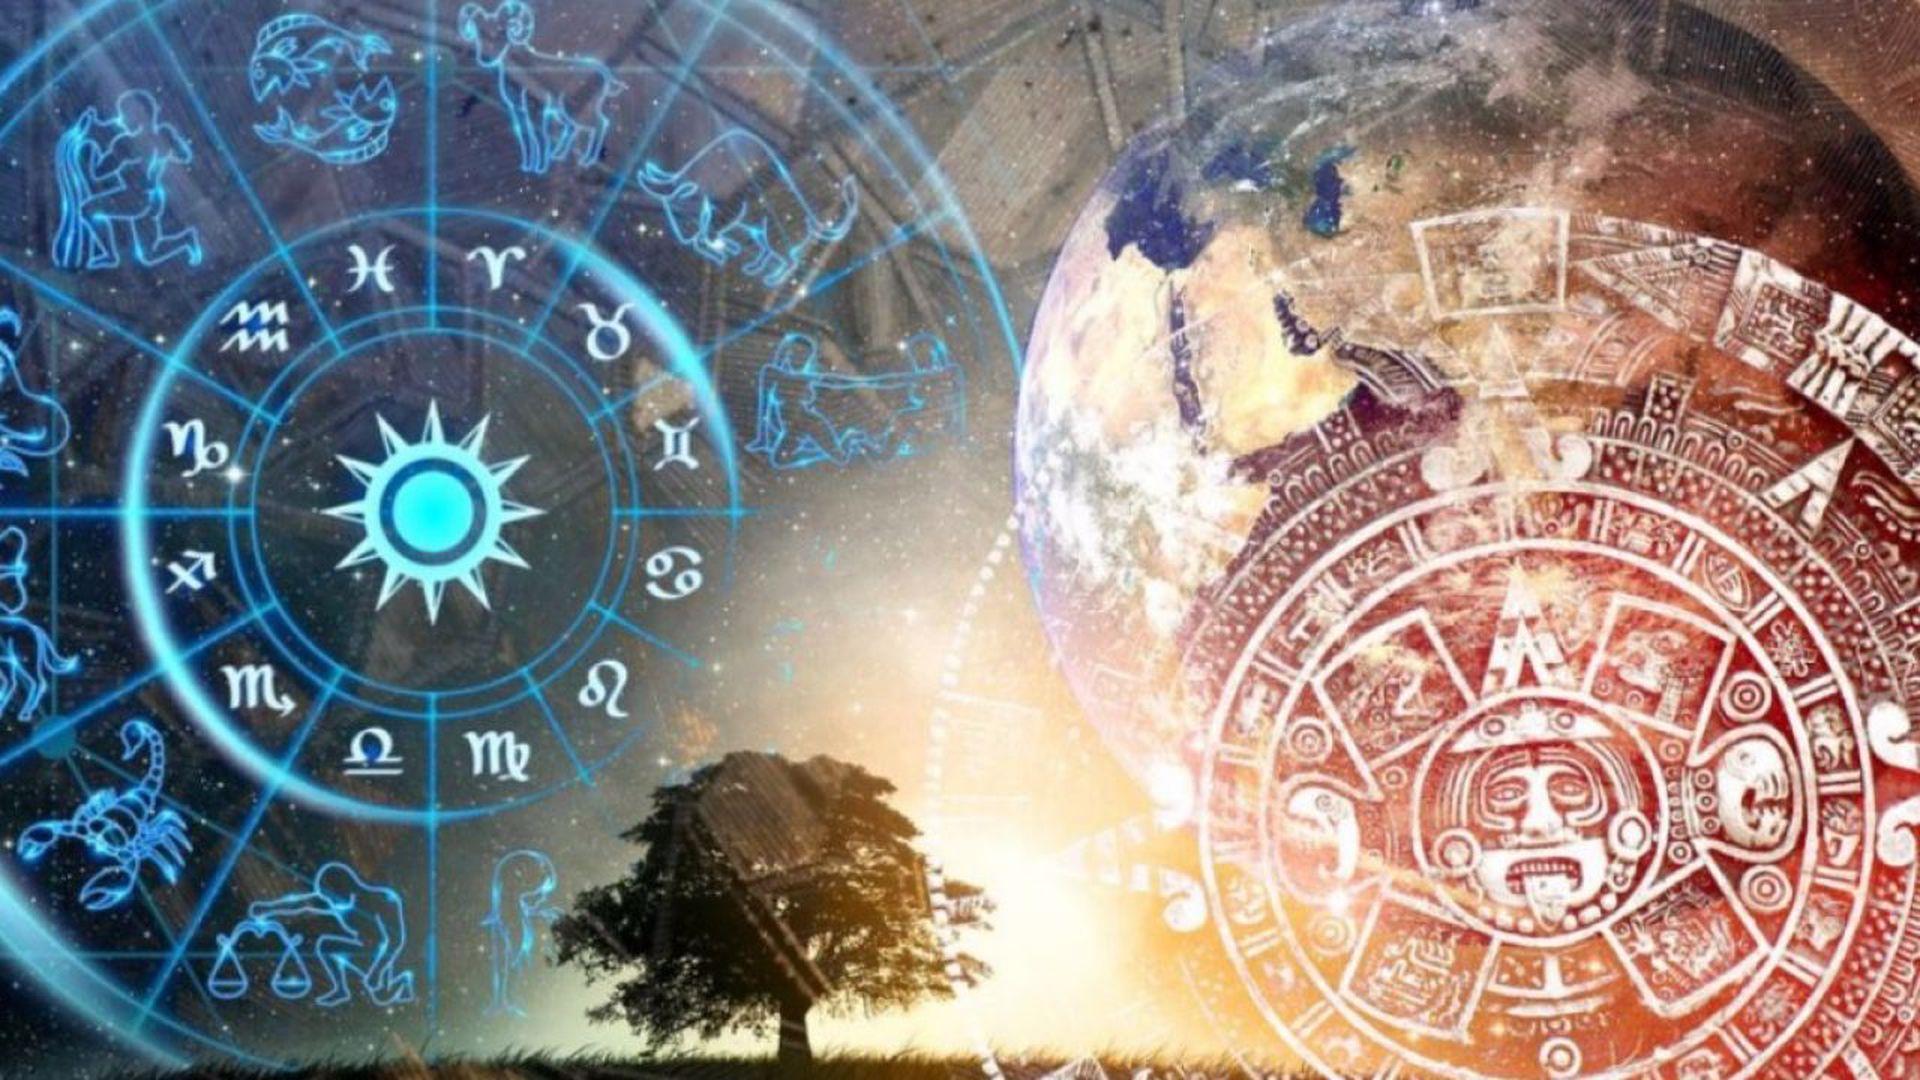 Horoscop de weekend 25-26 iulie. Află ce zodii vor întâmpina probleme în weekend